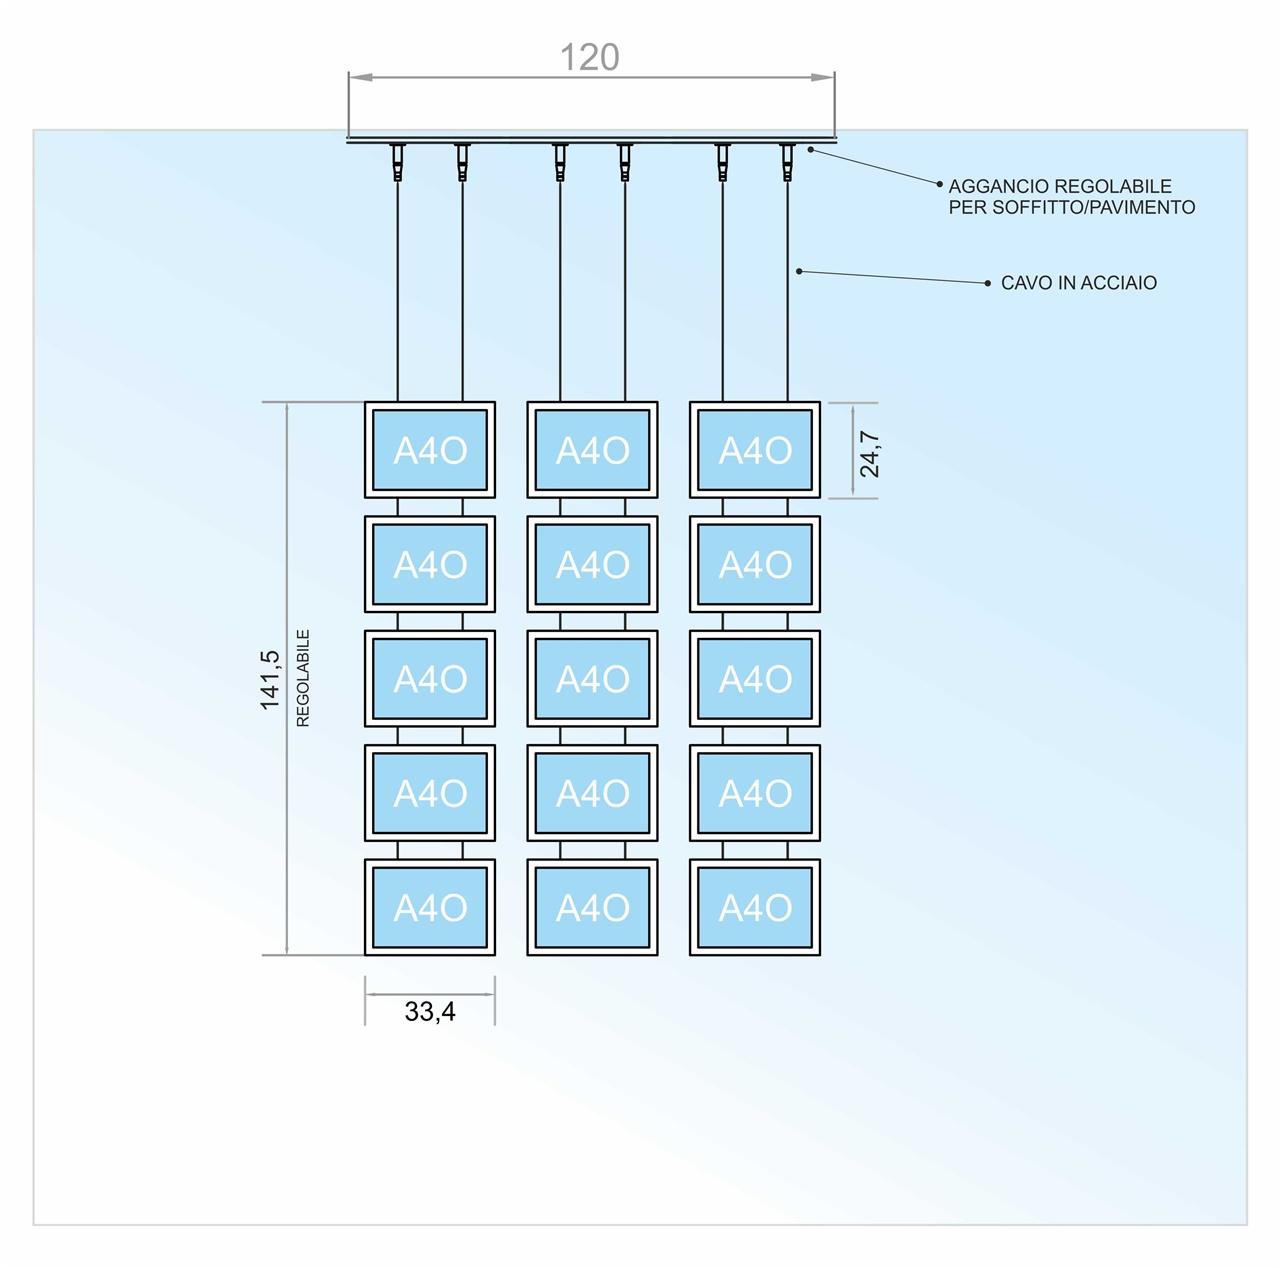 Espositore a cavetti con 15 tasche a led f.to A4 orizzontale (5 V. x 3 O.)